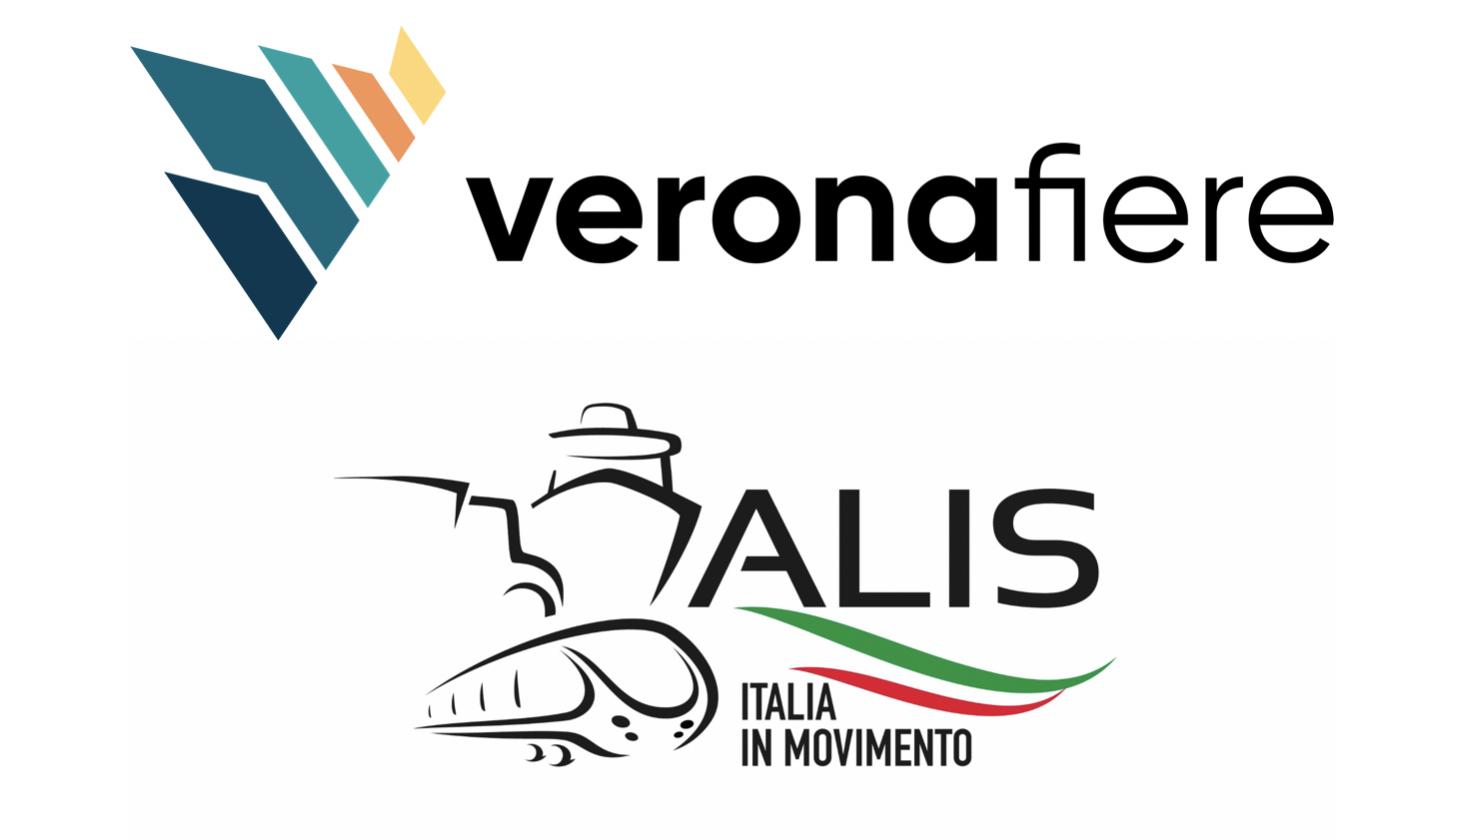 Veronafiere e ALIS: nasce nuova fiera dedicata a trasporti, logistica e intermodalità sostenibile